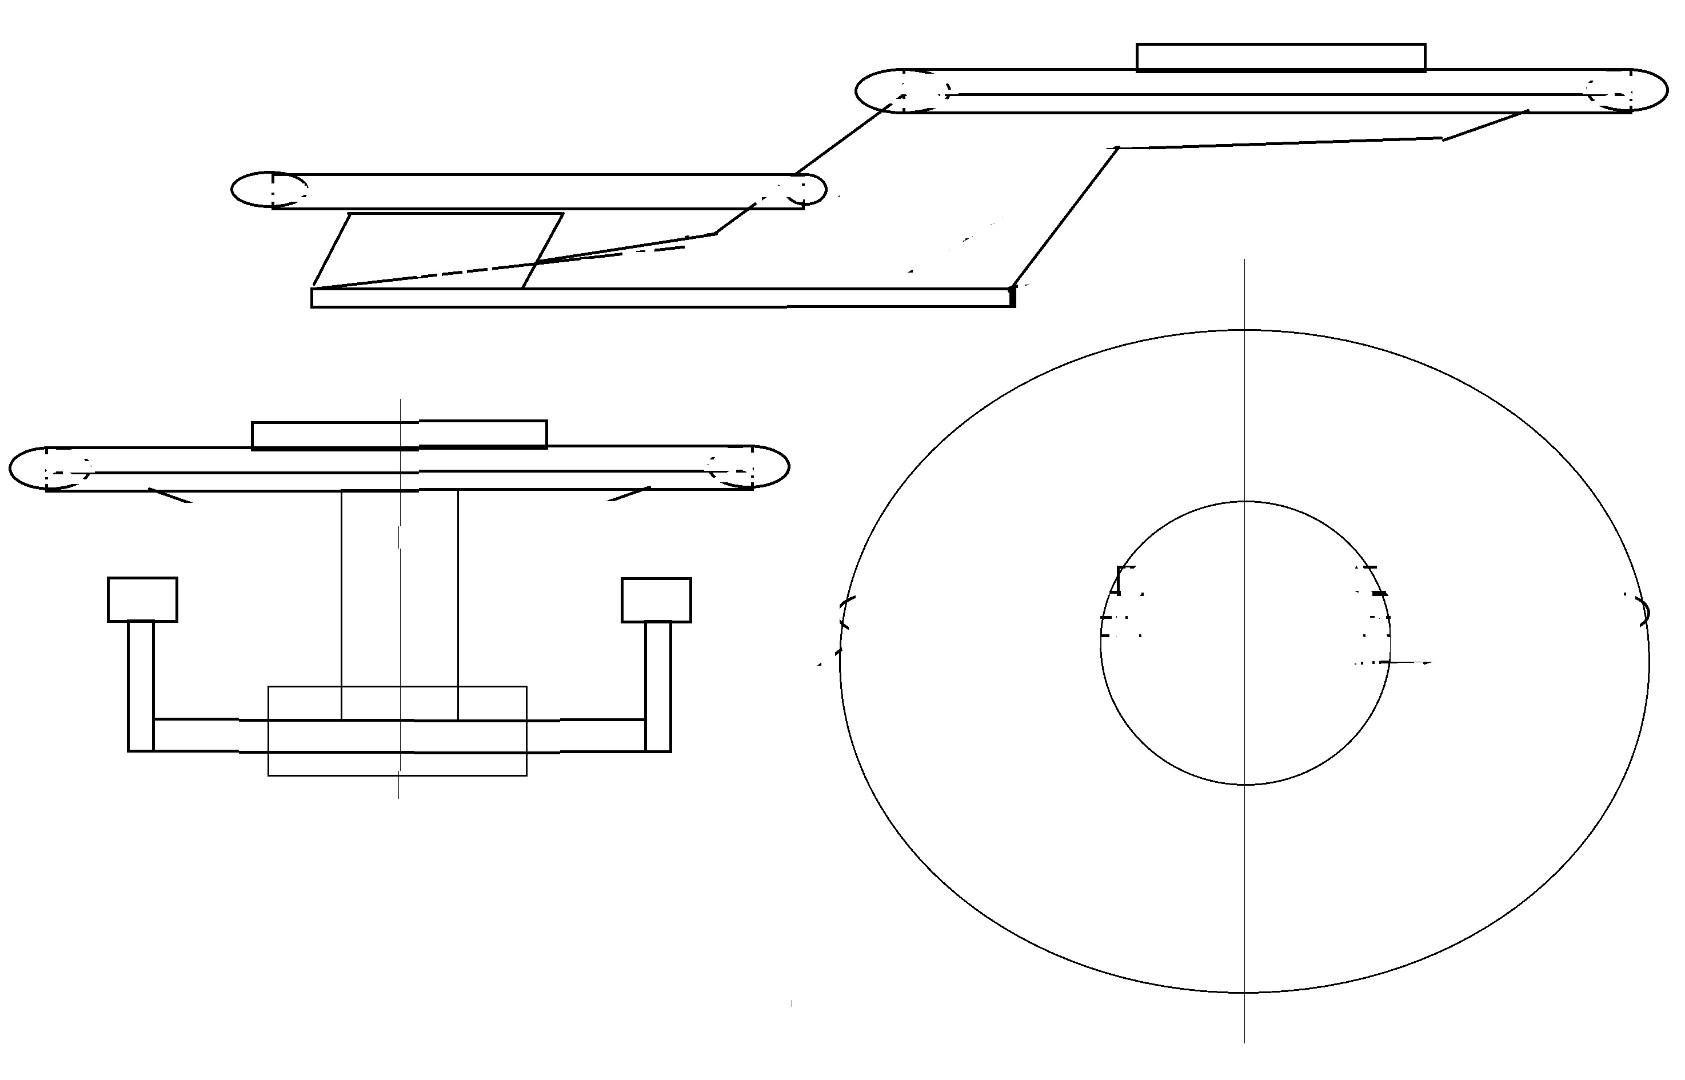 1701 D sketch.jpg